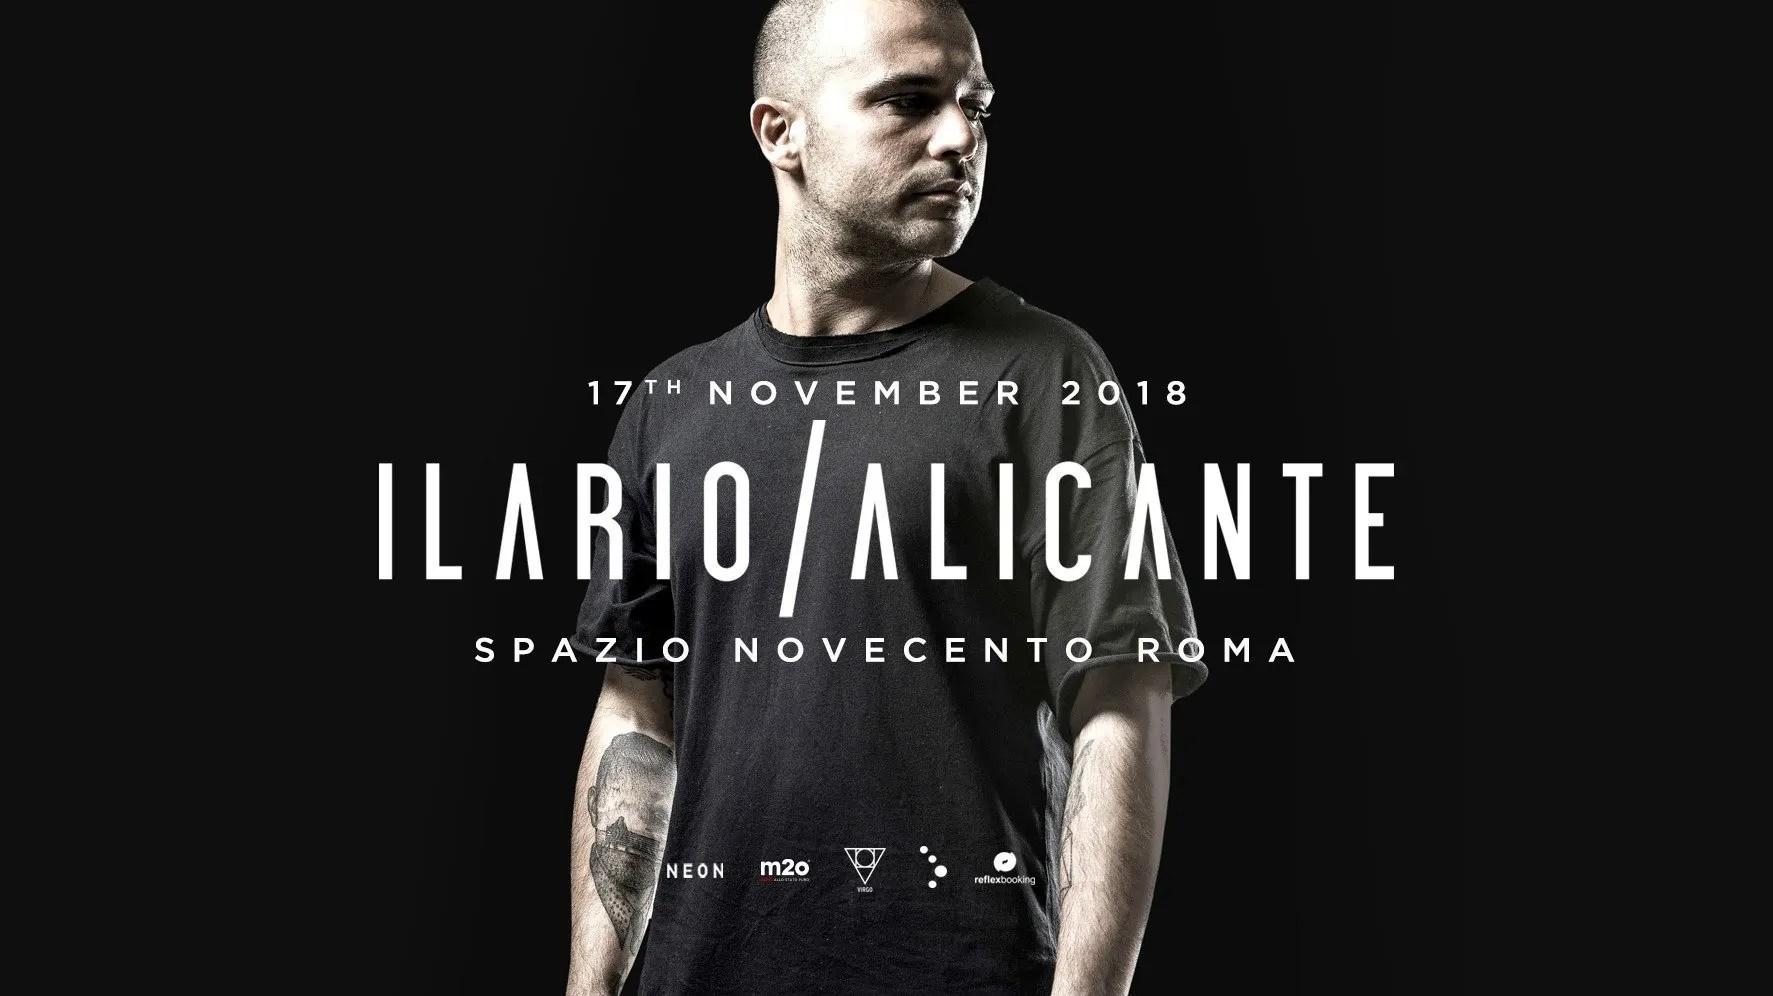 Ilario Alicante at Spazio Novecento Roma – 17 Novembre 2018 | Ticket Tavoli Pacchetti hotel Prevendite